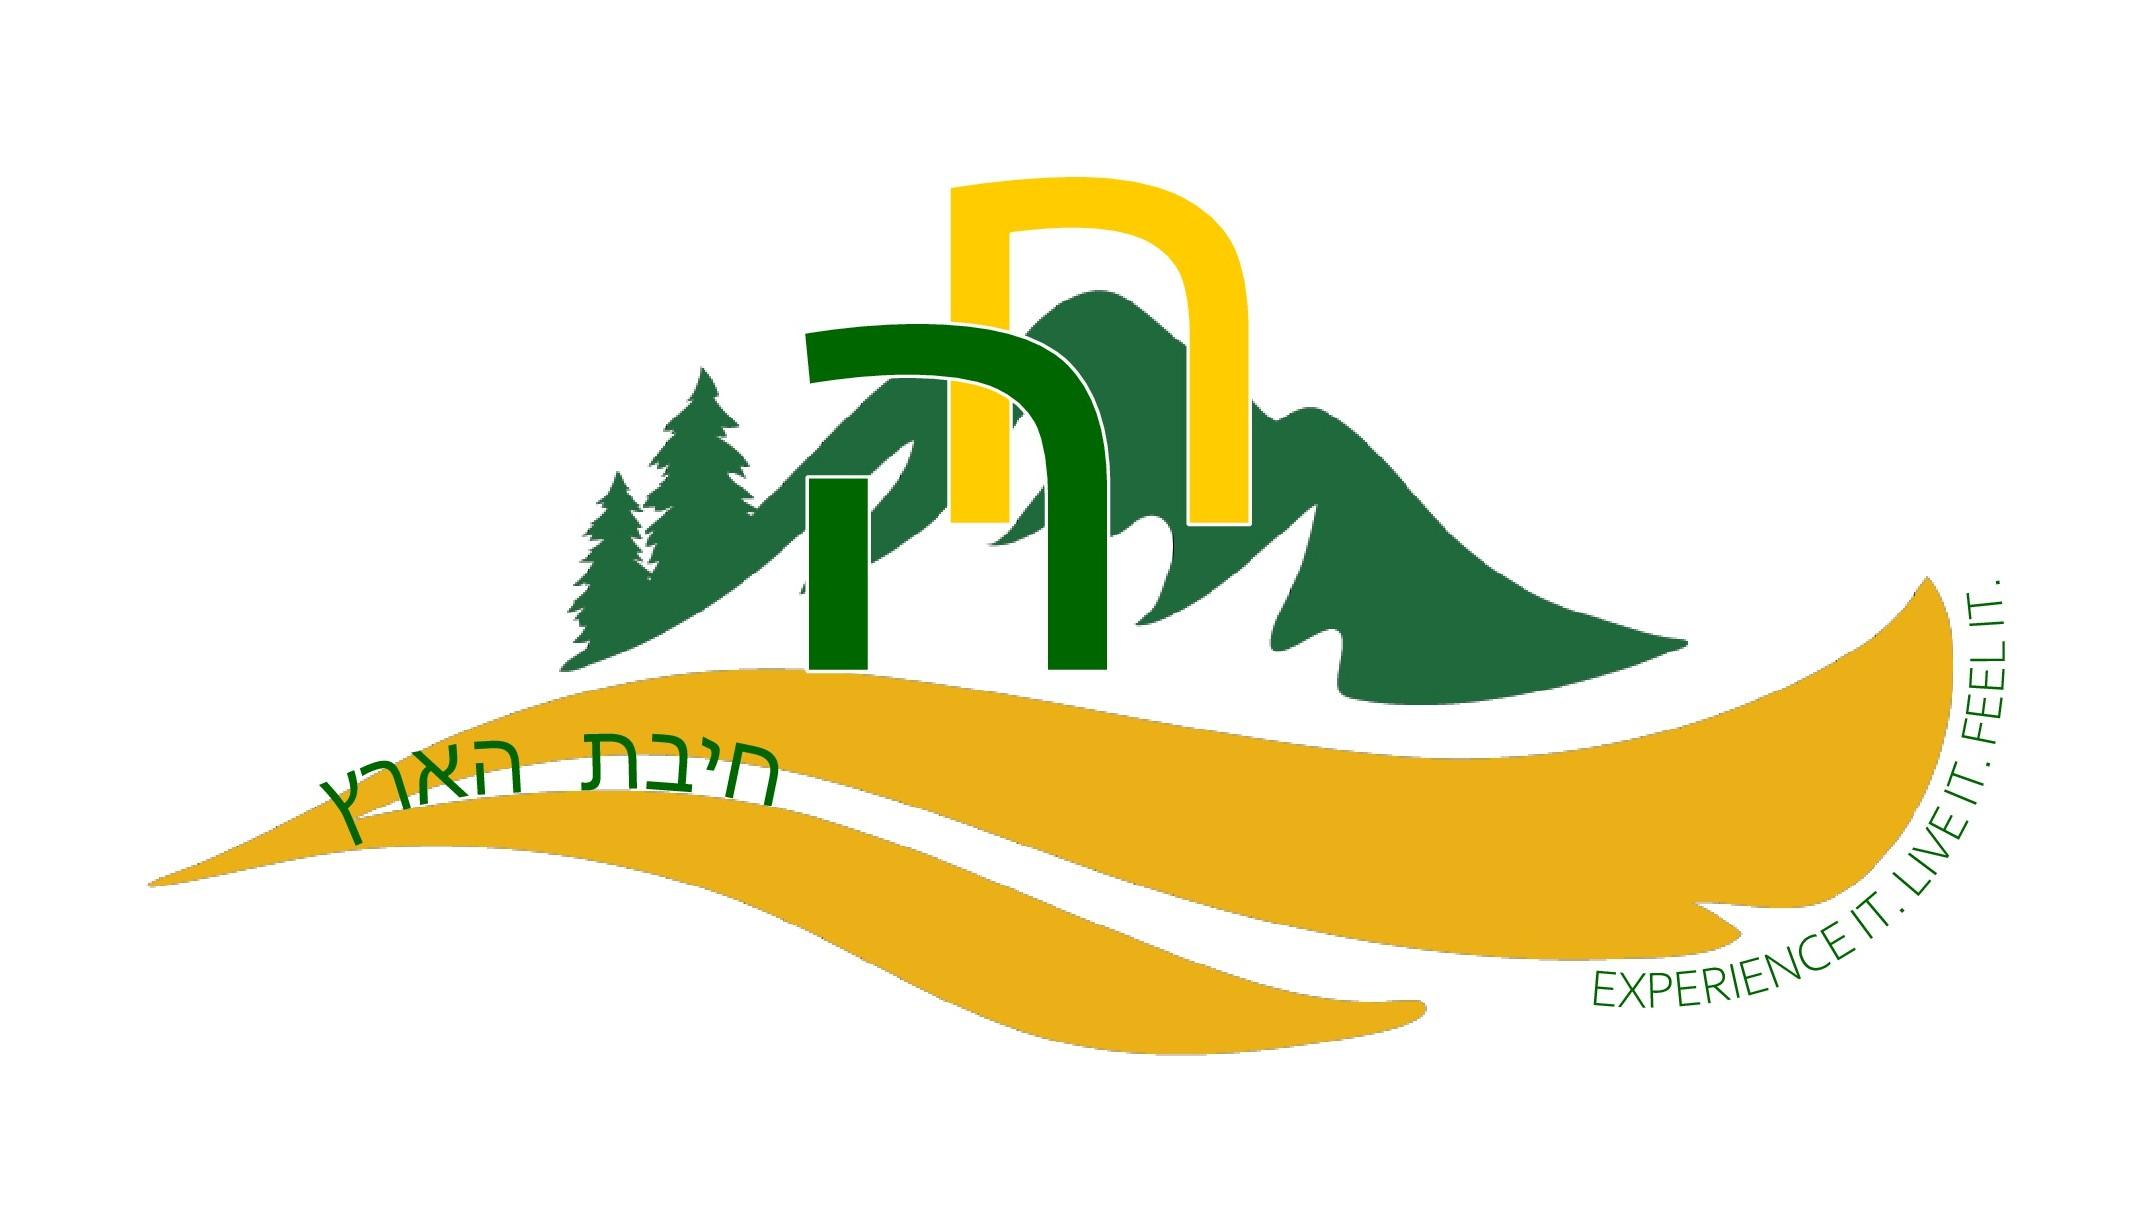 Chibat Haaretz